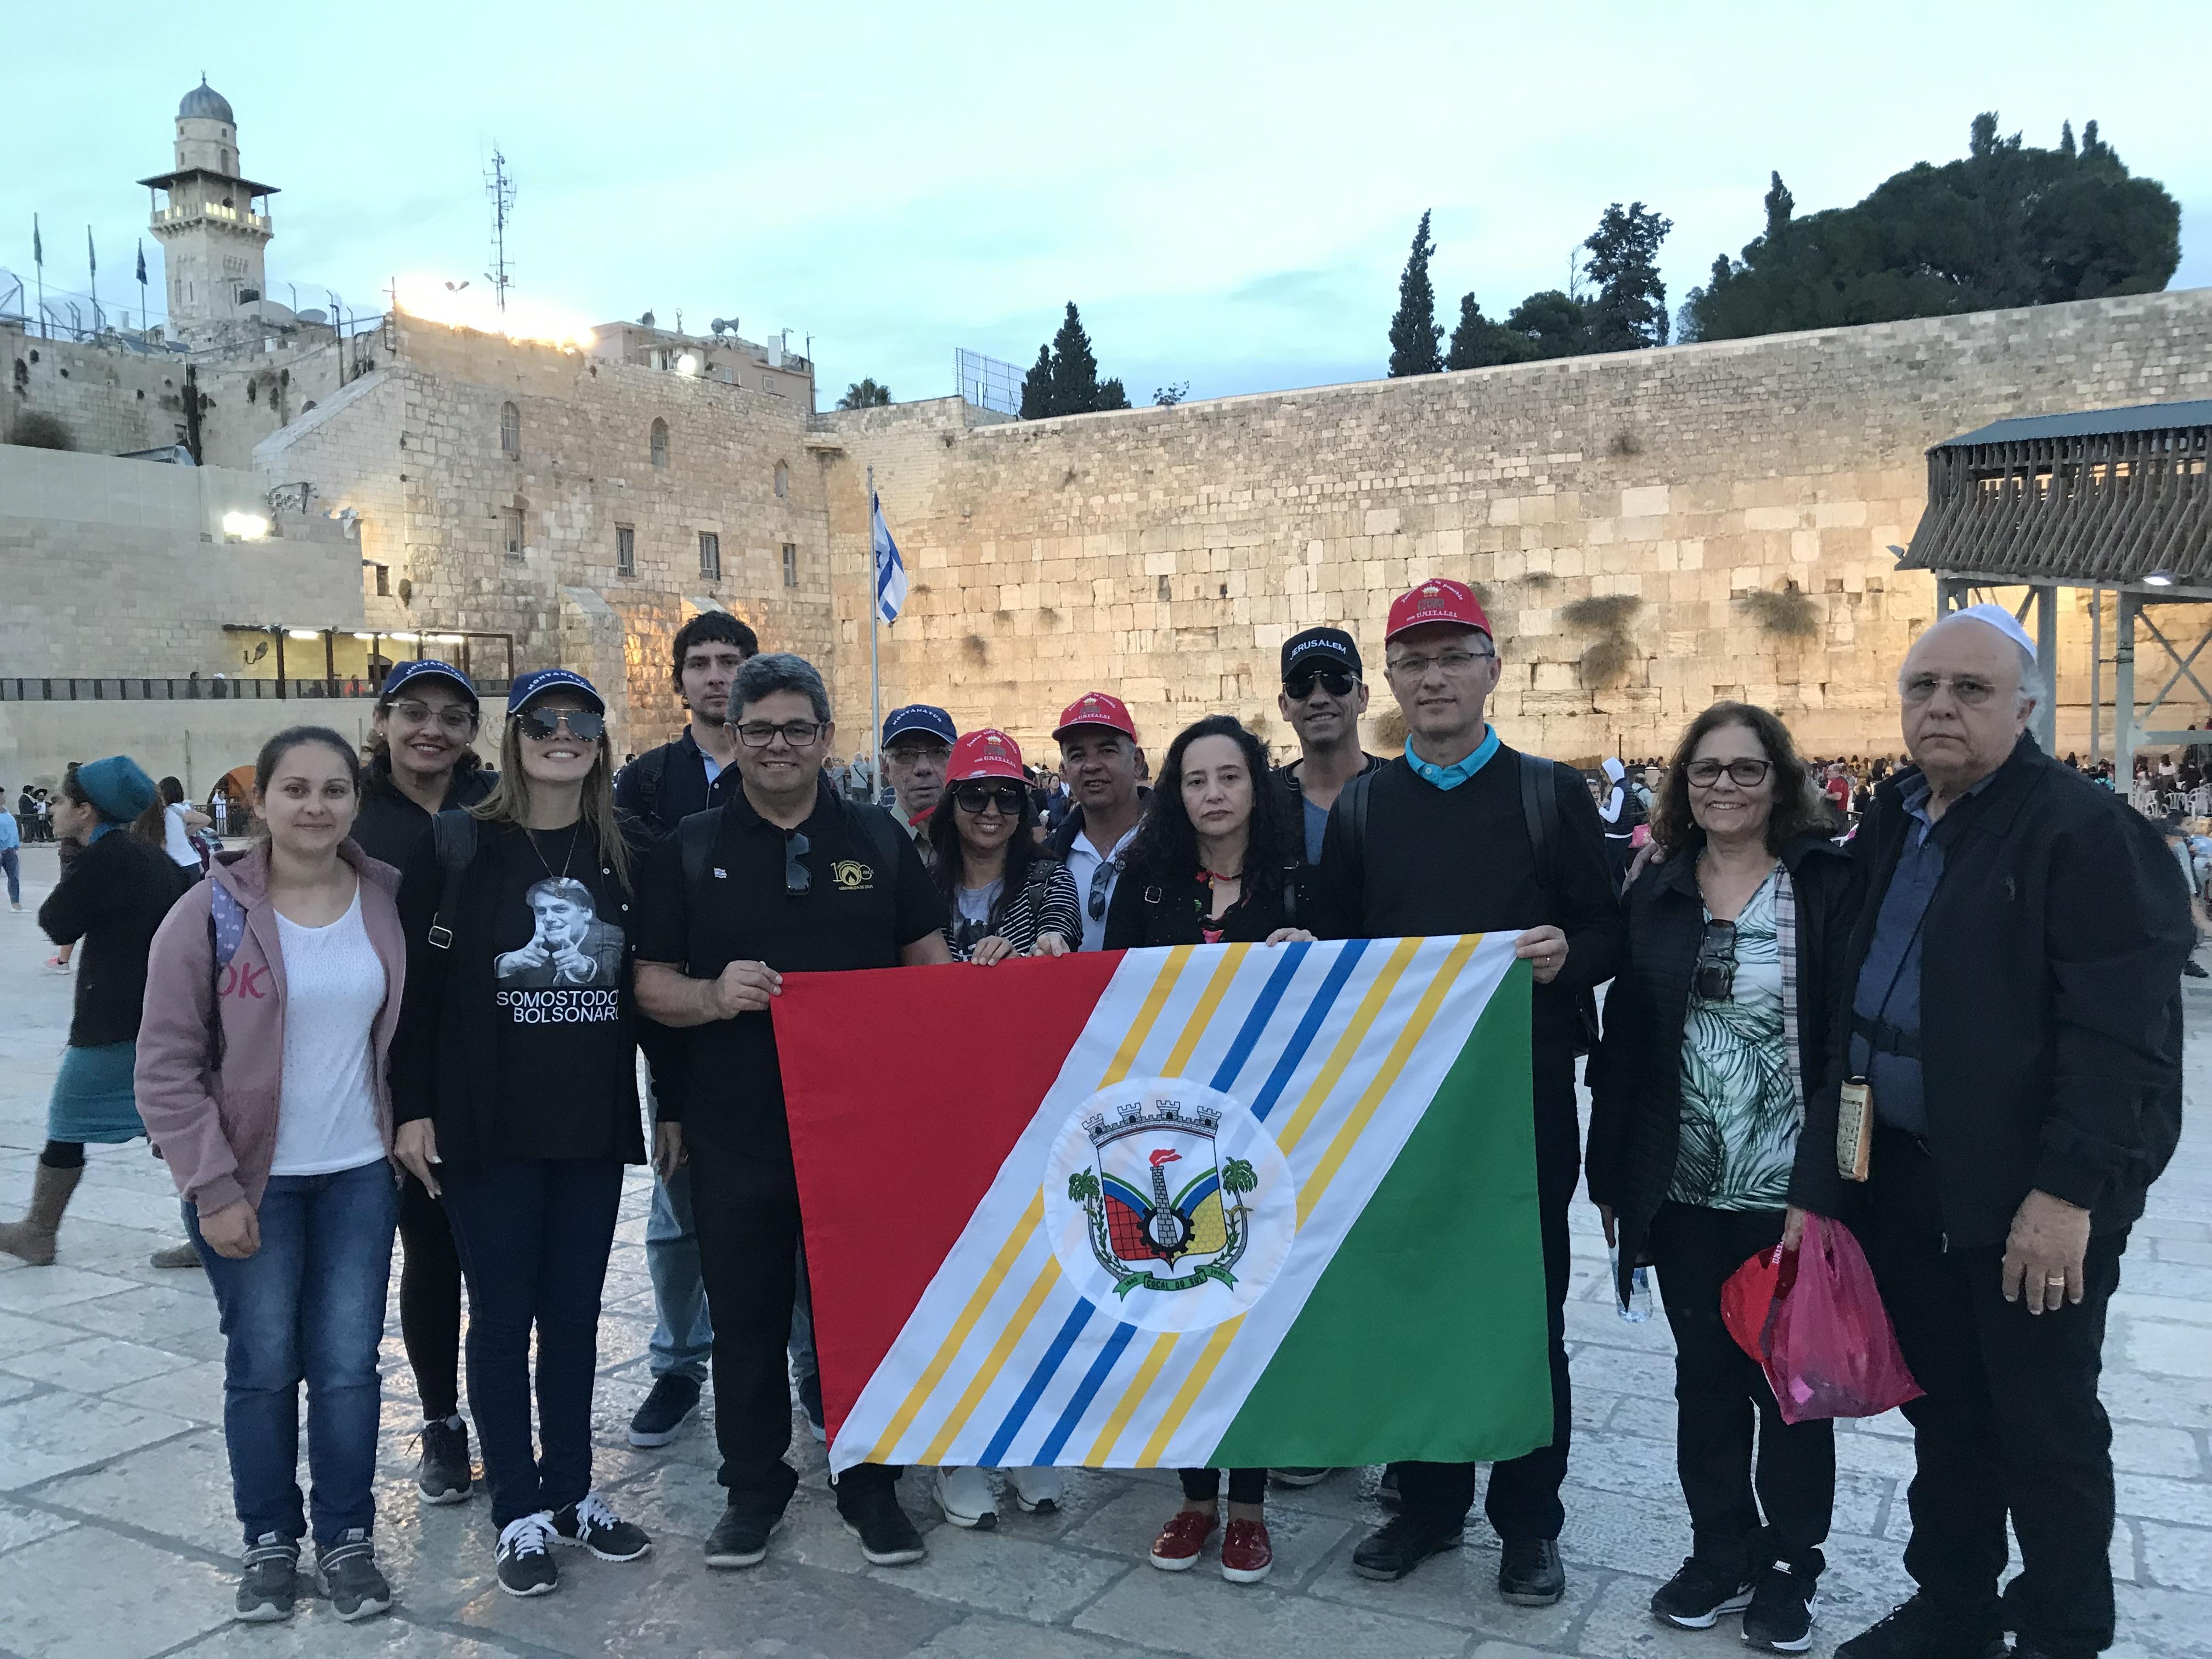 Caravana de Cocal do Sul visita Roma, Egito e Israel.